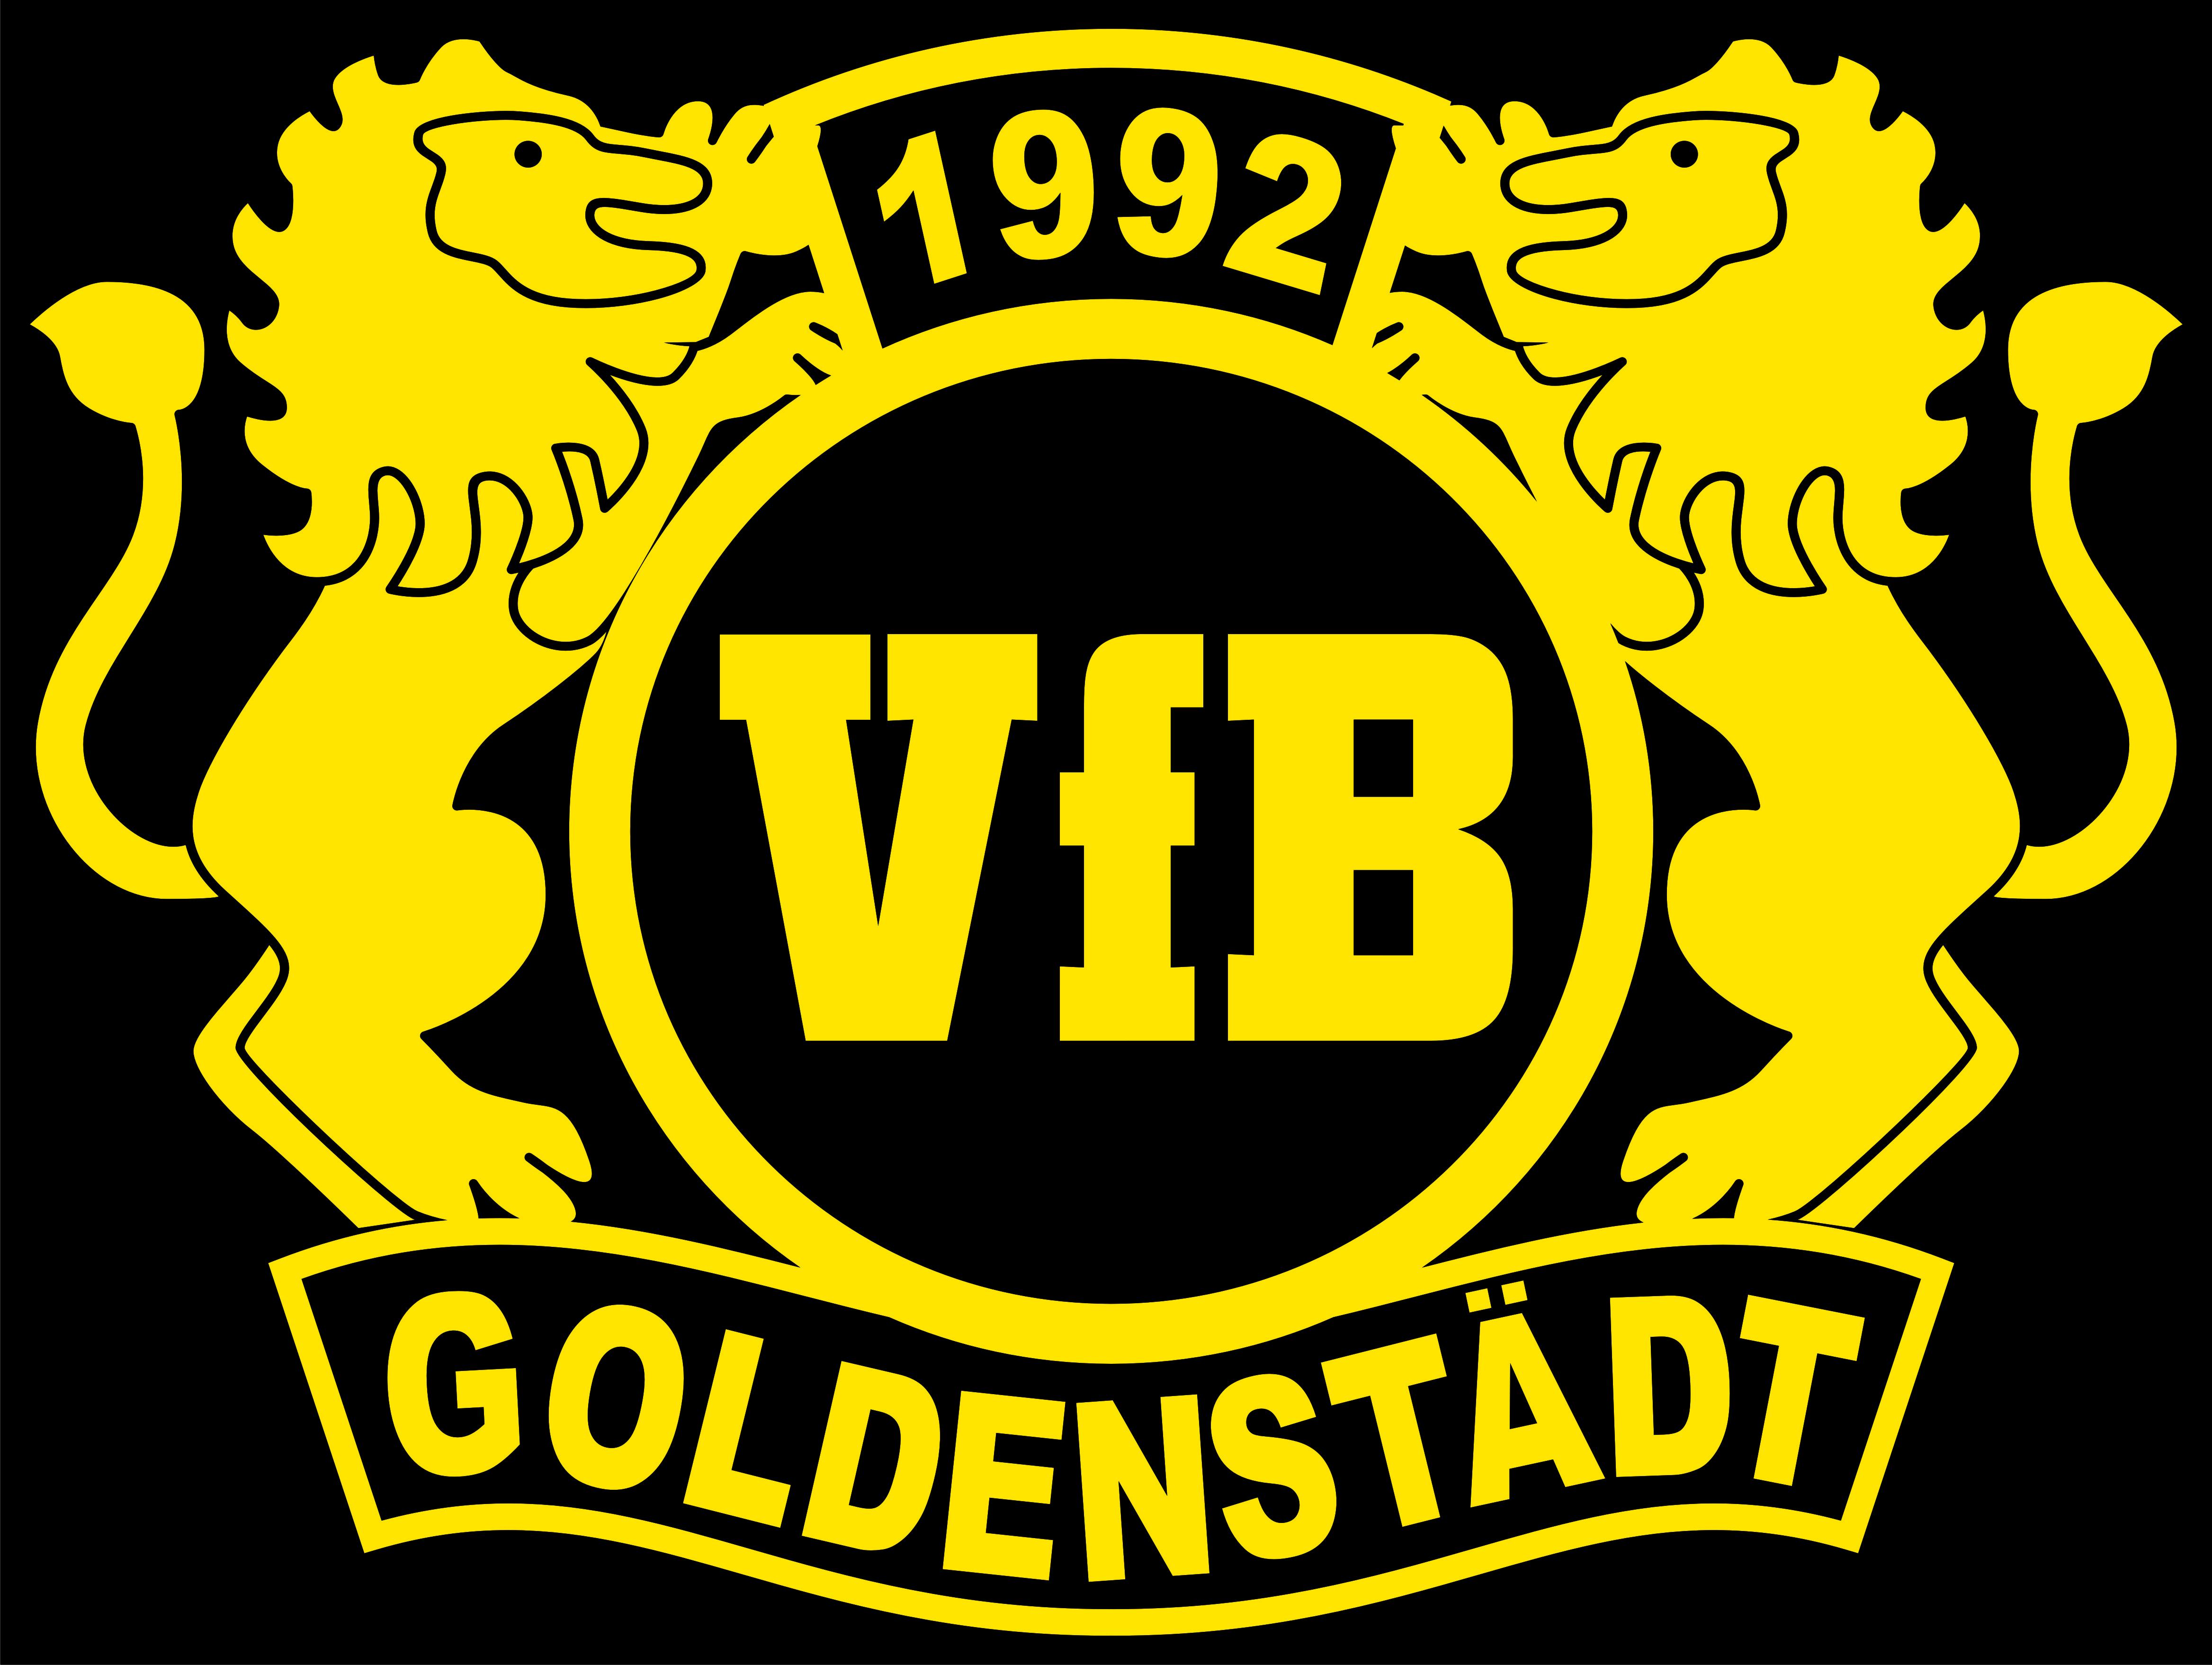 Vfb Goldenstädt Facebook